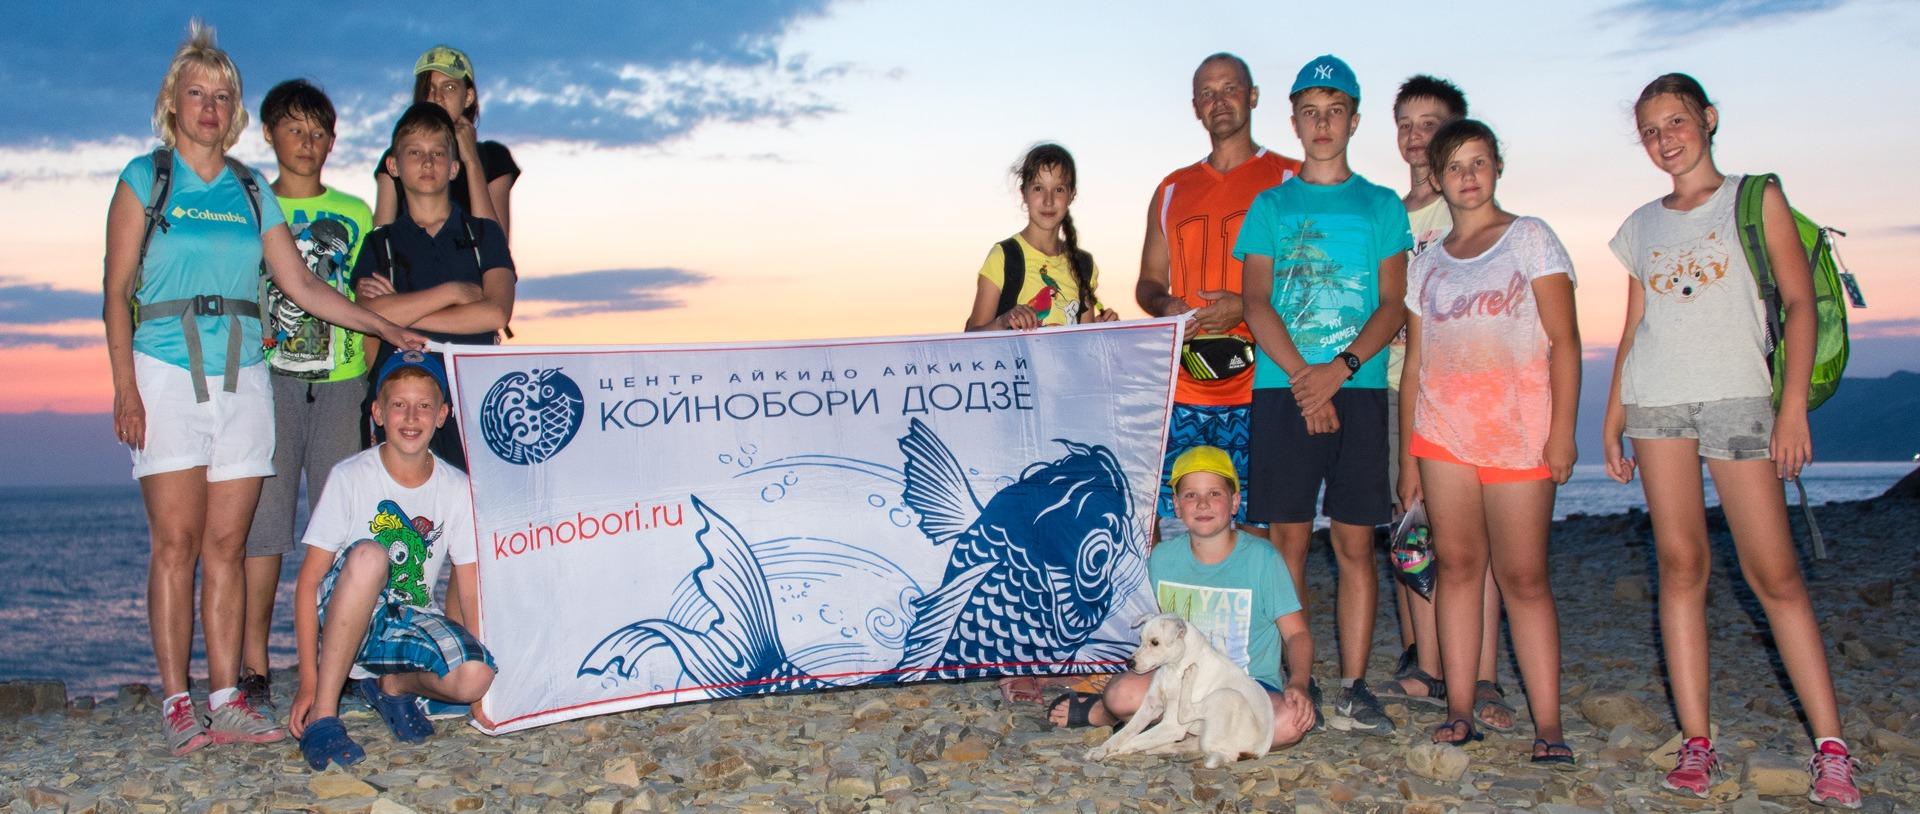 Детский физкультурно-оздоровительный лагерь Школы айкидо Койнобори Додзё на Чёрном море